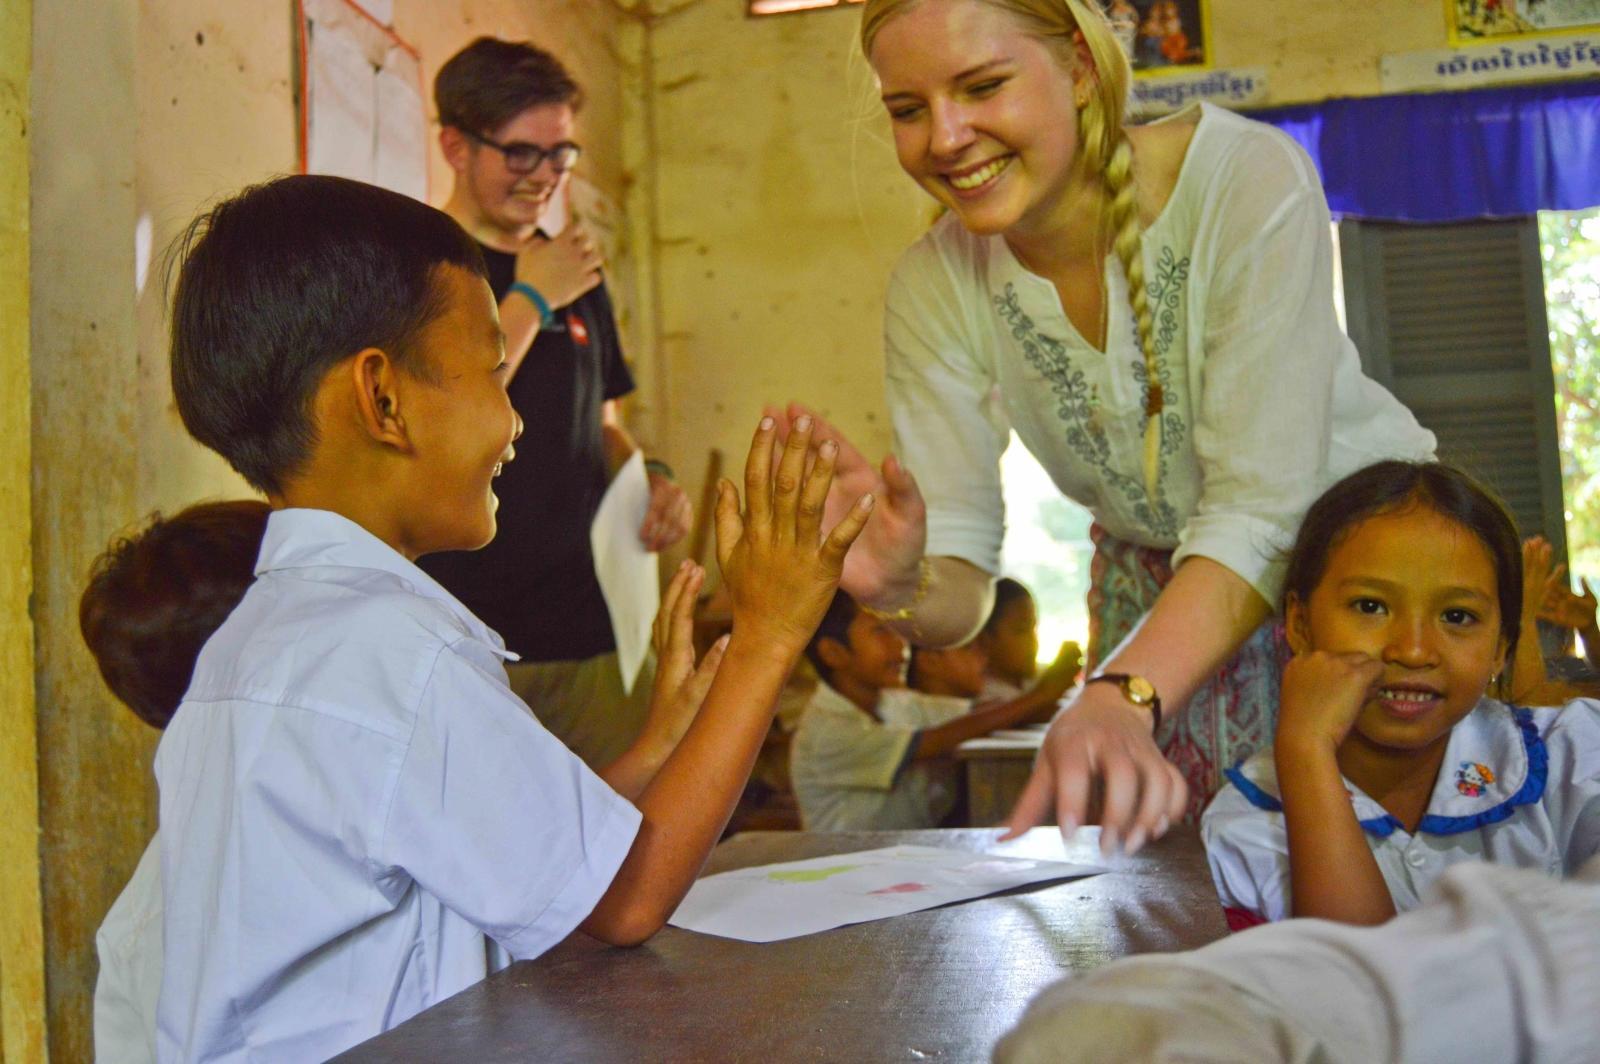 Voluntaria jugando con niños en Camboya.